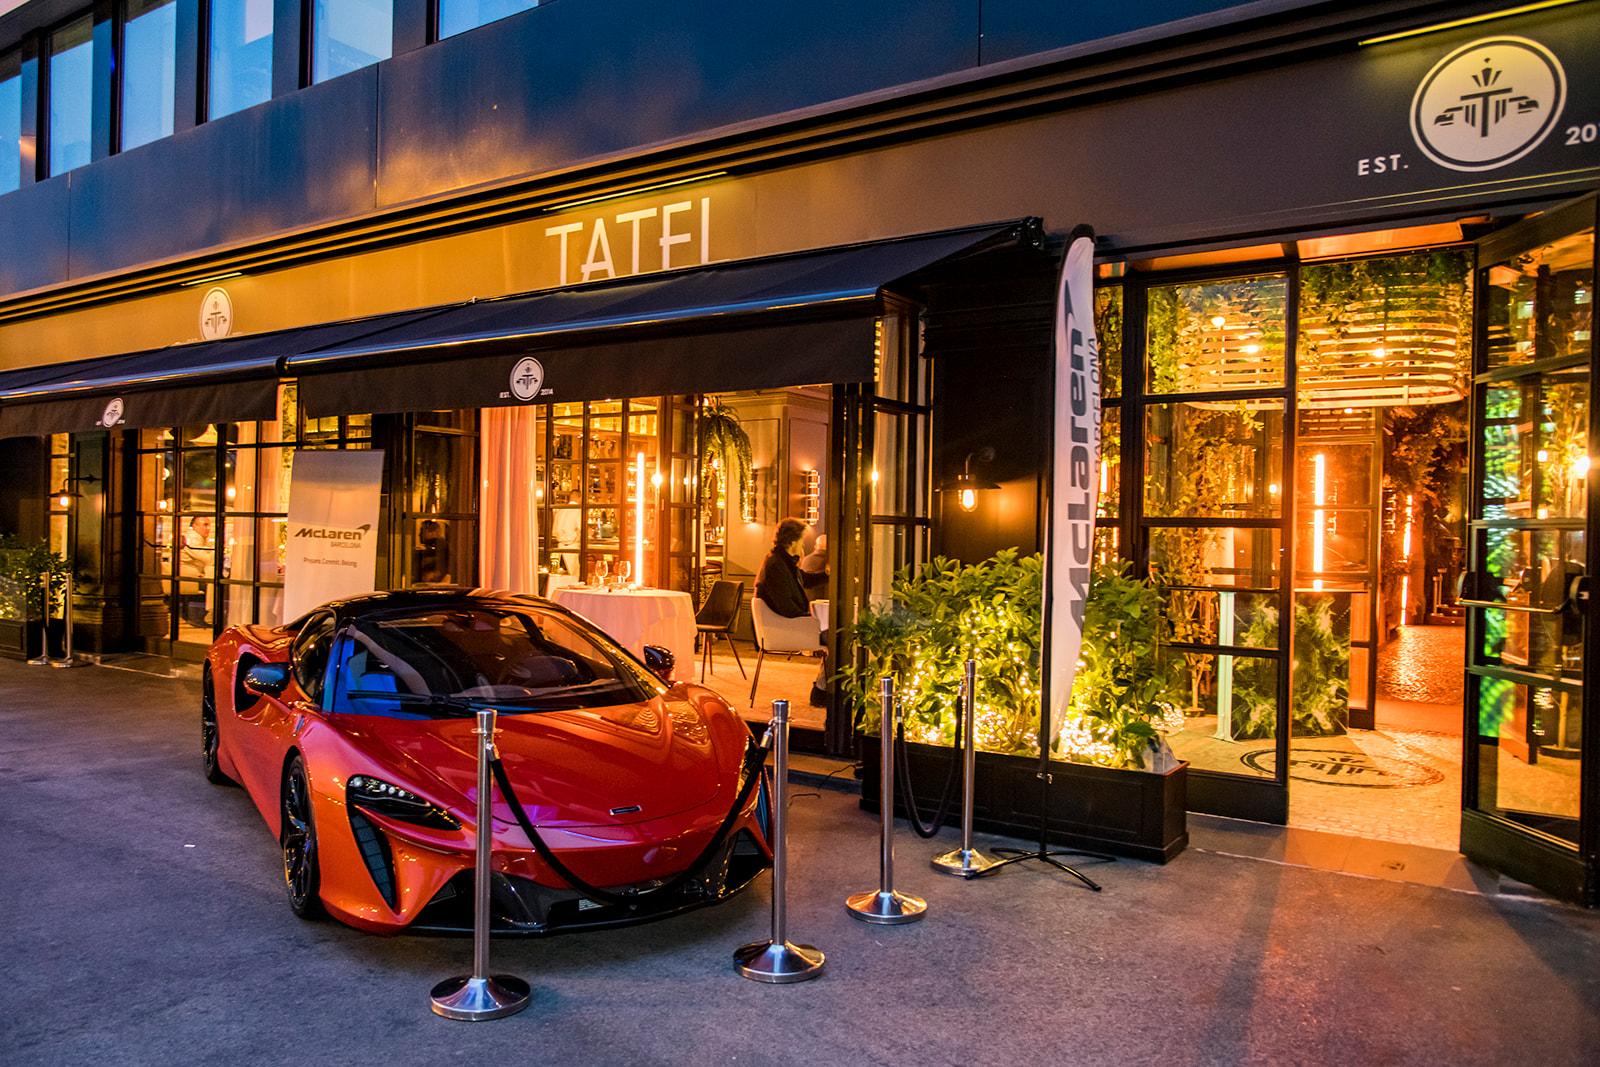 126 EventoMcLarenArturaMadrid Presentation McLaren Artura in Madrid